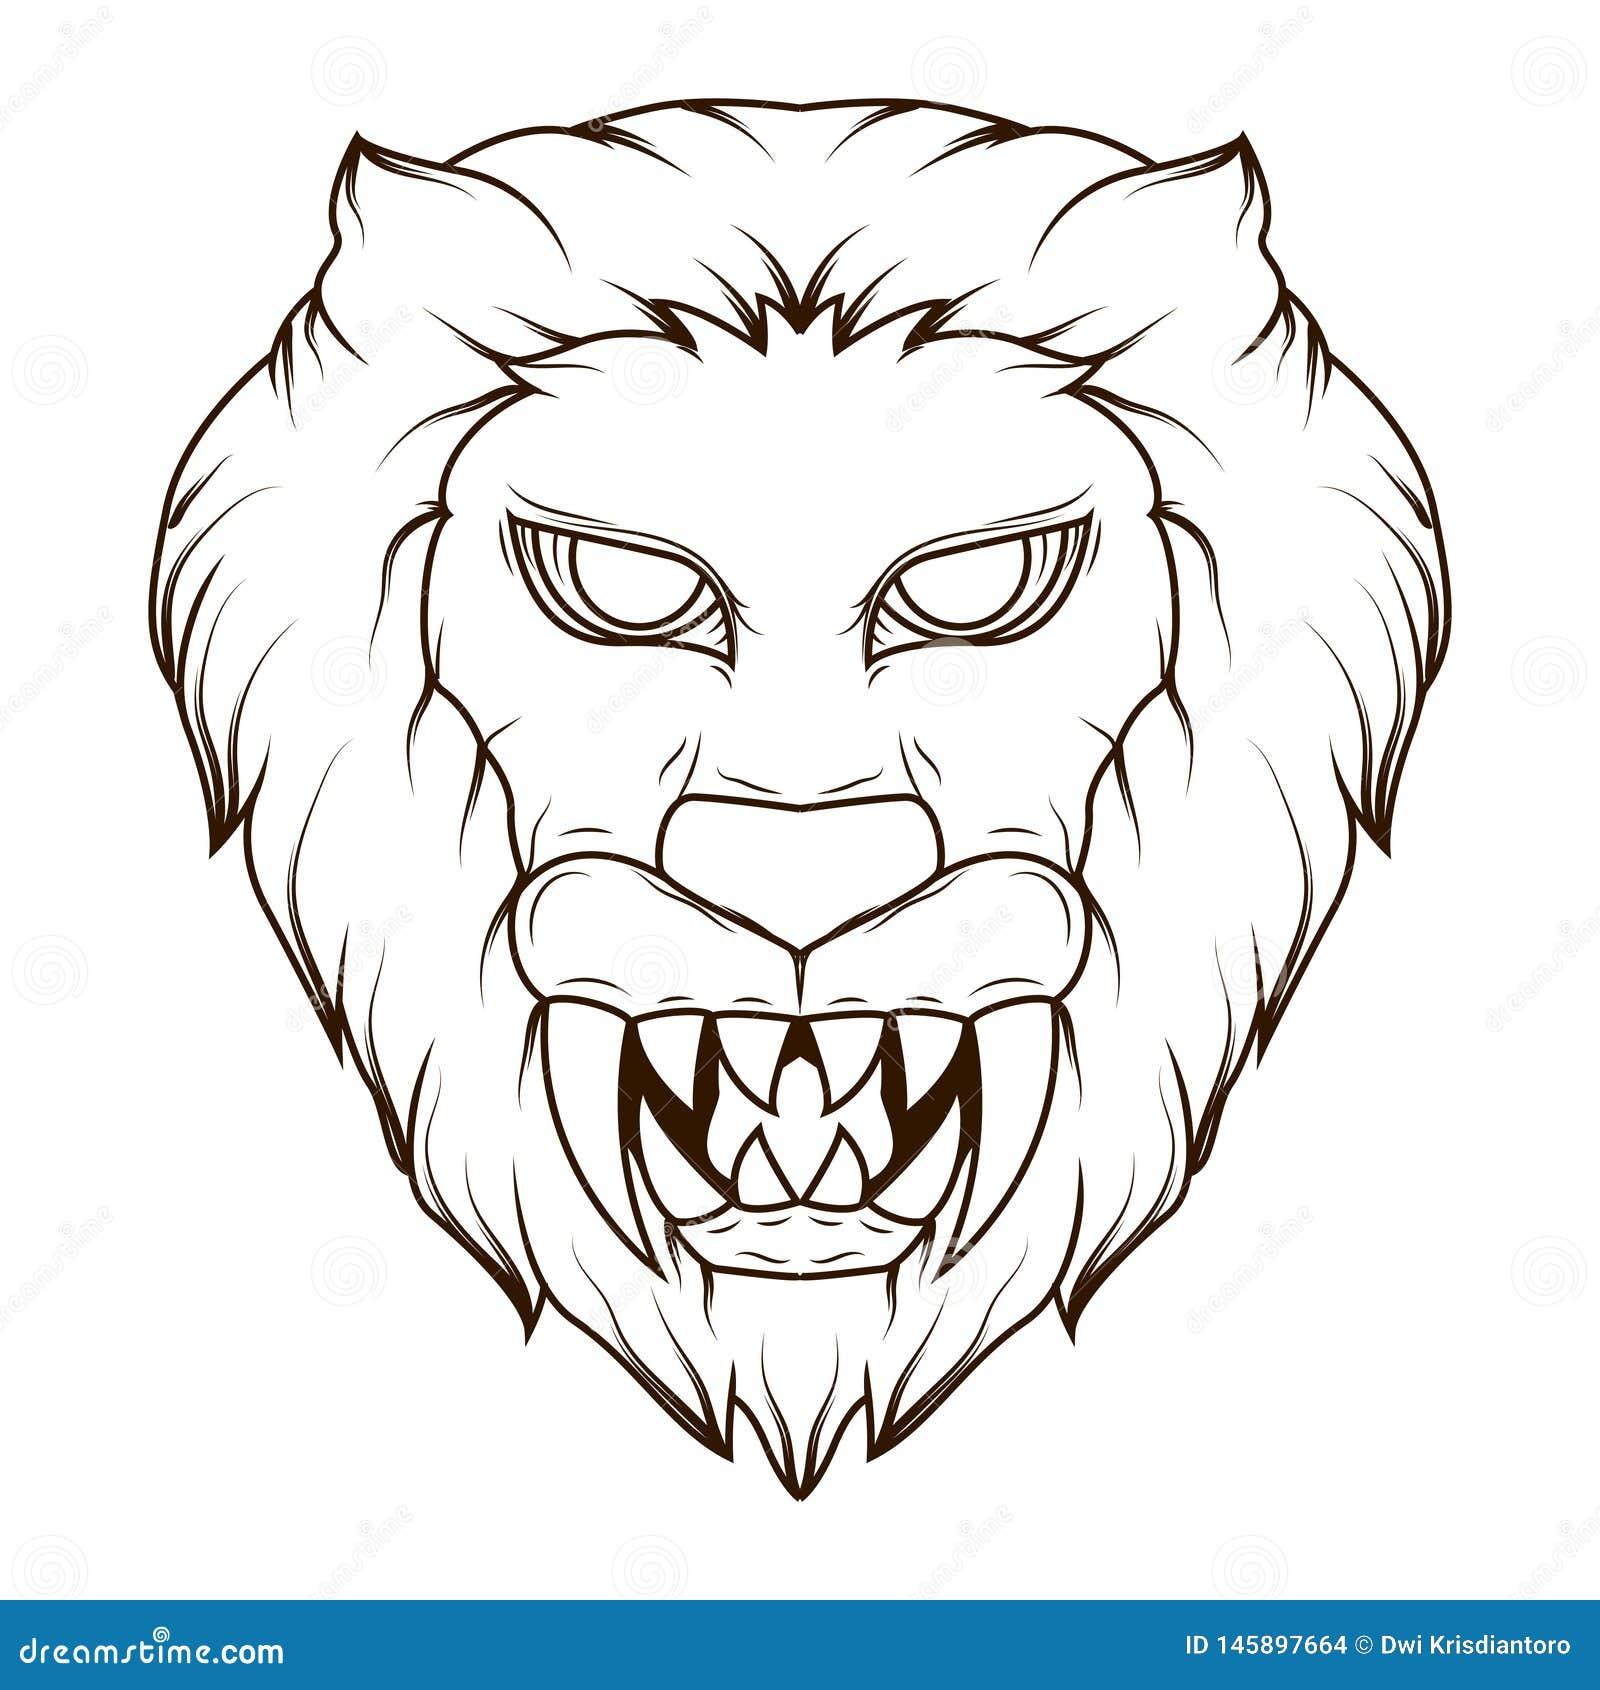 Linha ilustração da arte de um demônio principal do leão assustador com colmilhos afiados